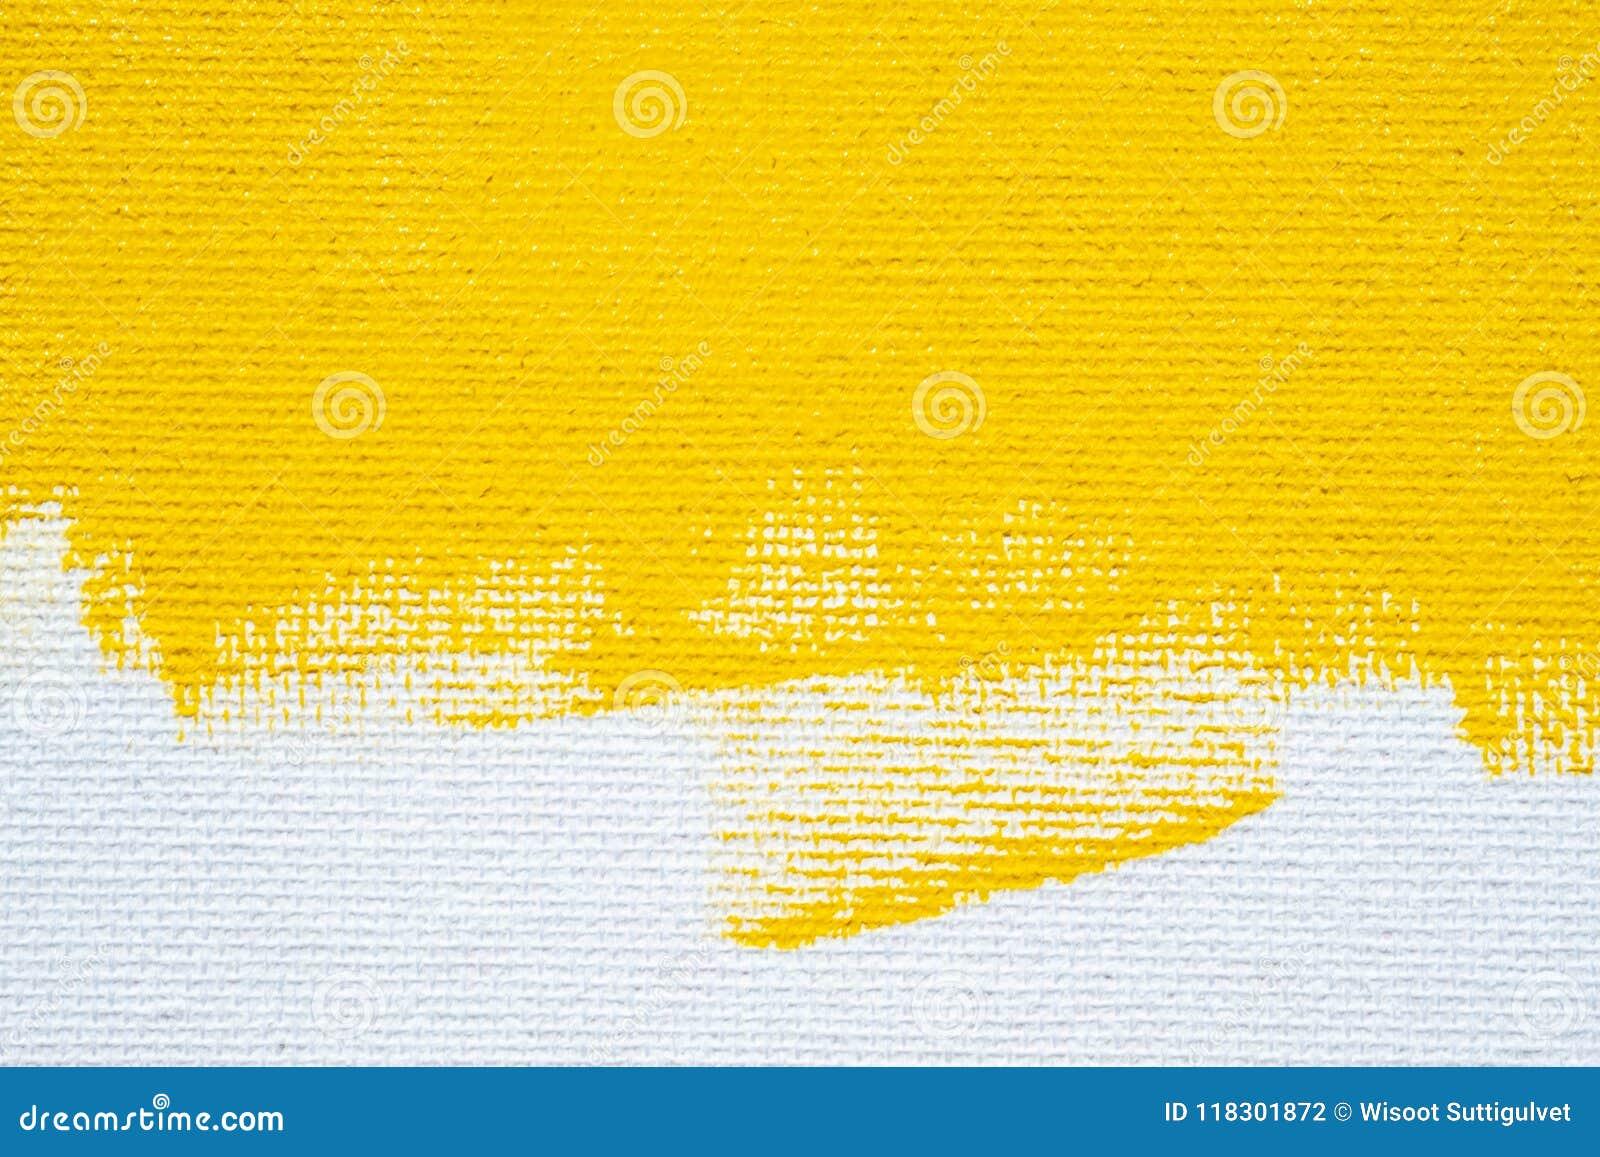 De abstracte gele gele kleur van de achtergrond witte grungegrens met witte canvasranden, uitstekende grungetextuur als achtergro